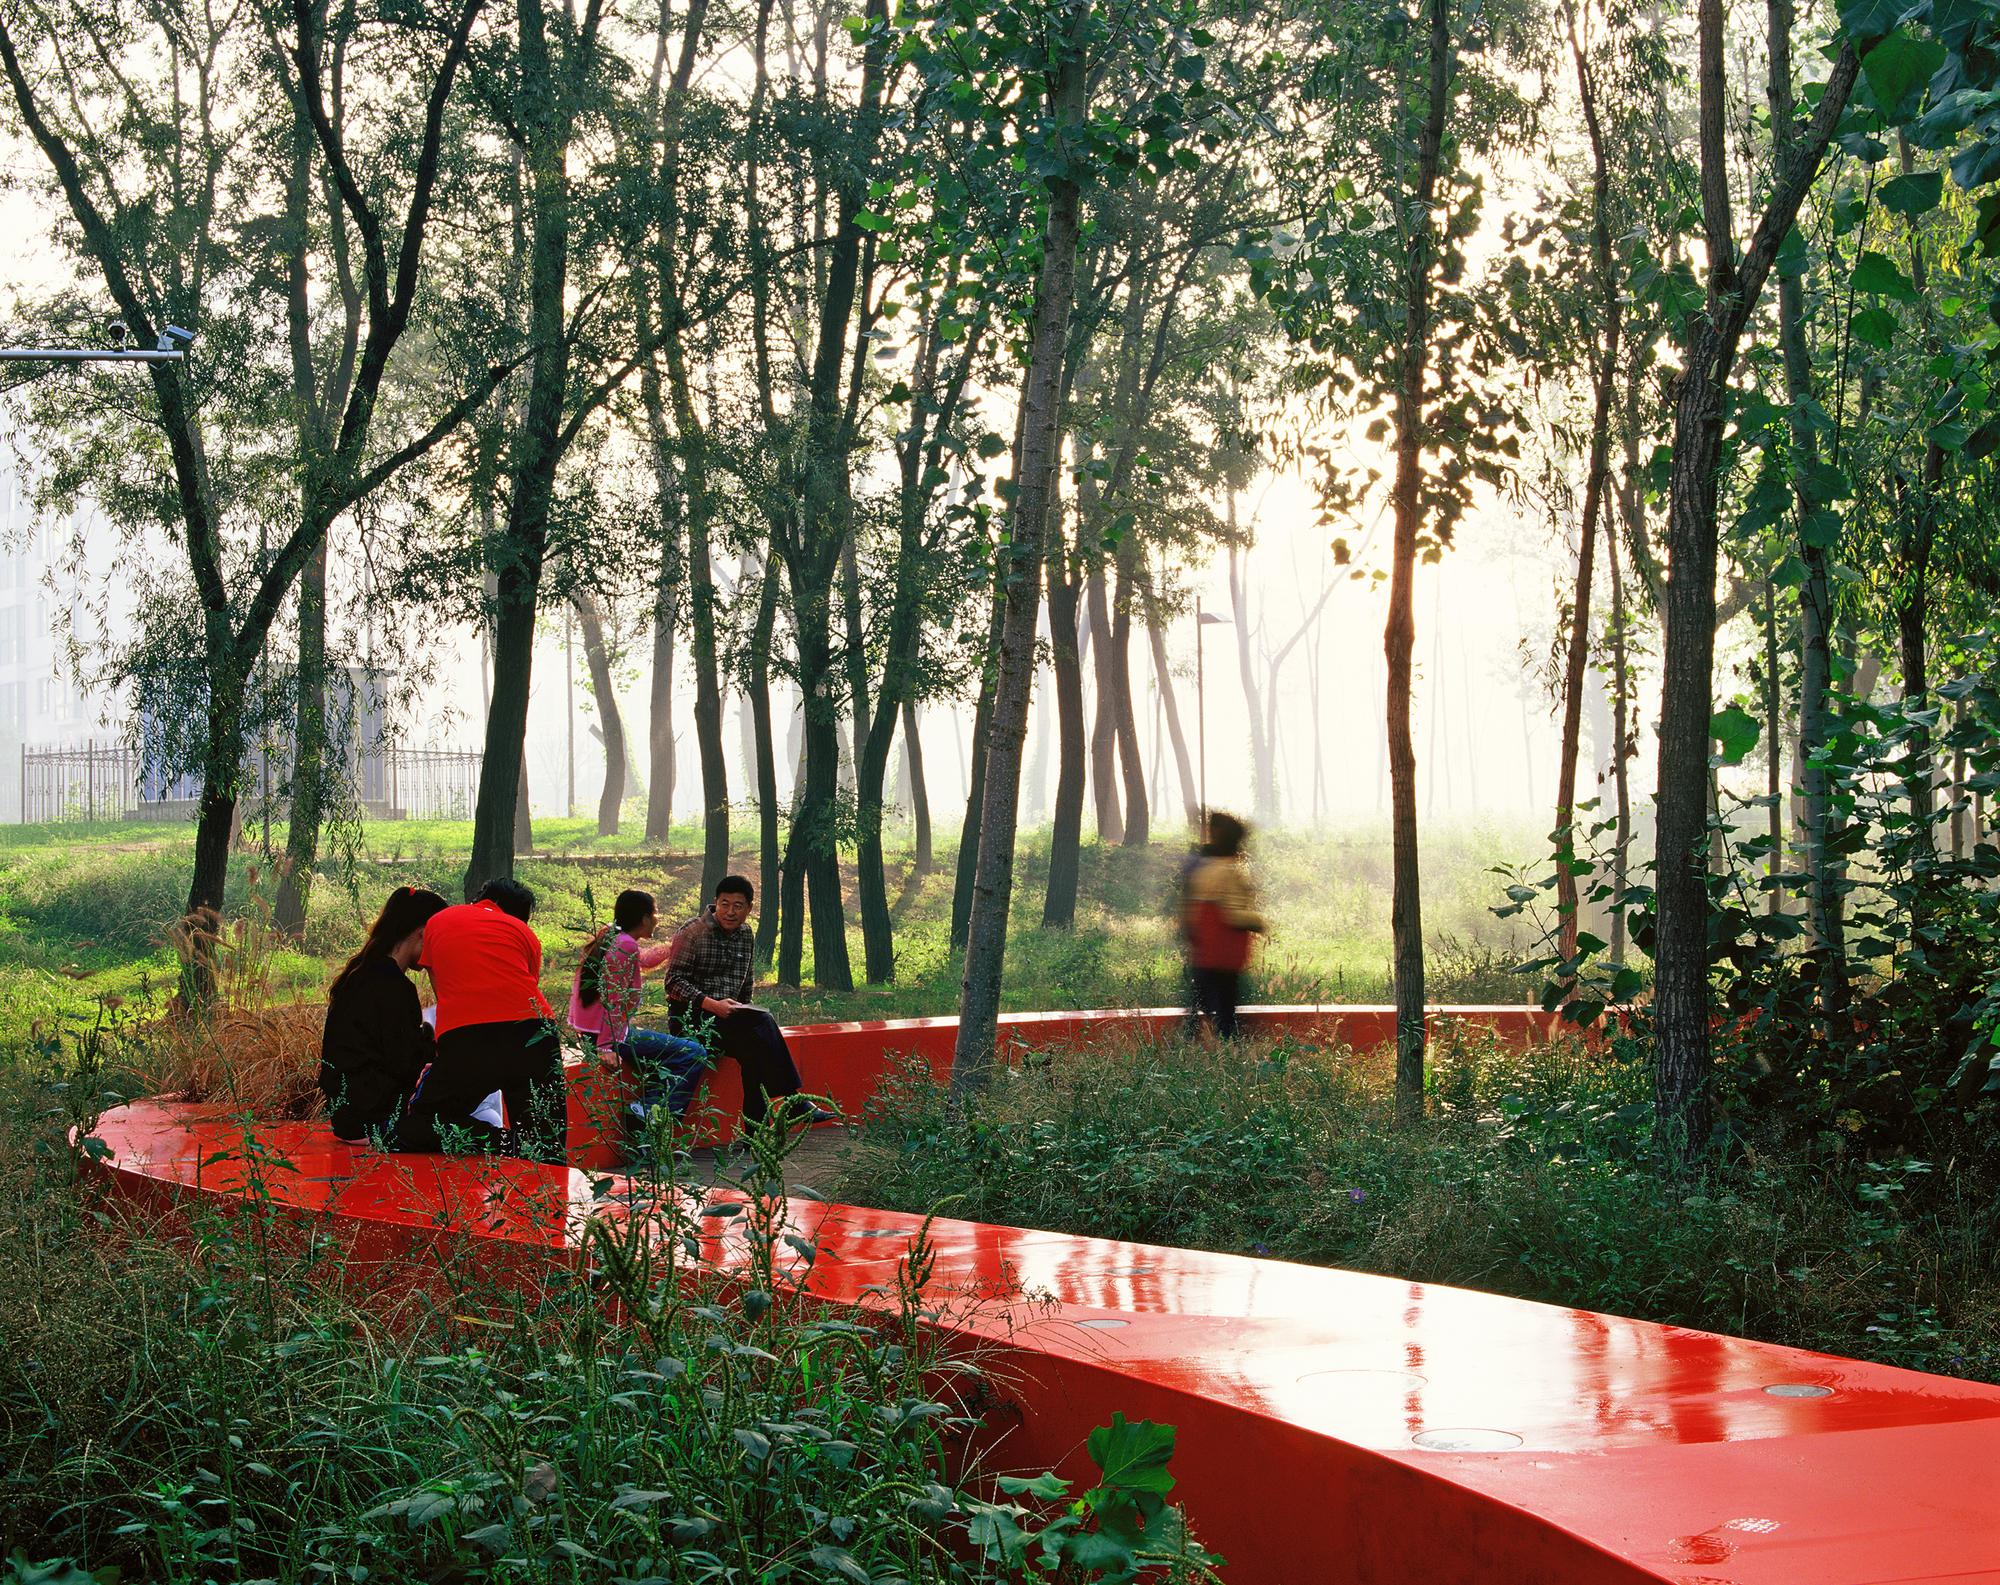 项目介绍:用最少的人工与投入构建城市绿色廊道。秦皇岛汤河公园从设计到实施,历时一年时间,2006年7月完成,用最少的人工和投入,将地处城乡结合部的一条脏、乱、差的河流廊道,改造成一处魅力无穷的城市休憩地,一幅幅和谐社会的真实画面,生动地在生态场景中展开。设计最大限度地保留原有河流生态廊道的绿色基底,并引入一条以玻璃钢为材料的、长达500米的红色飘带,它整合了包括步道、座椅、环境解释系统、乡土植物展示、灯光等多种功能和设施,使这一昔日令路人掩鼻绕道、有安全隐患、可达性极差的城郊荒地和垃圾场,变成令人流连忘